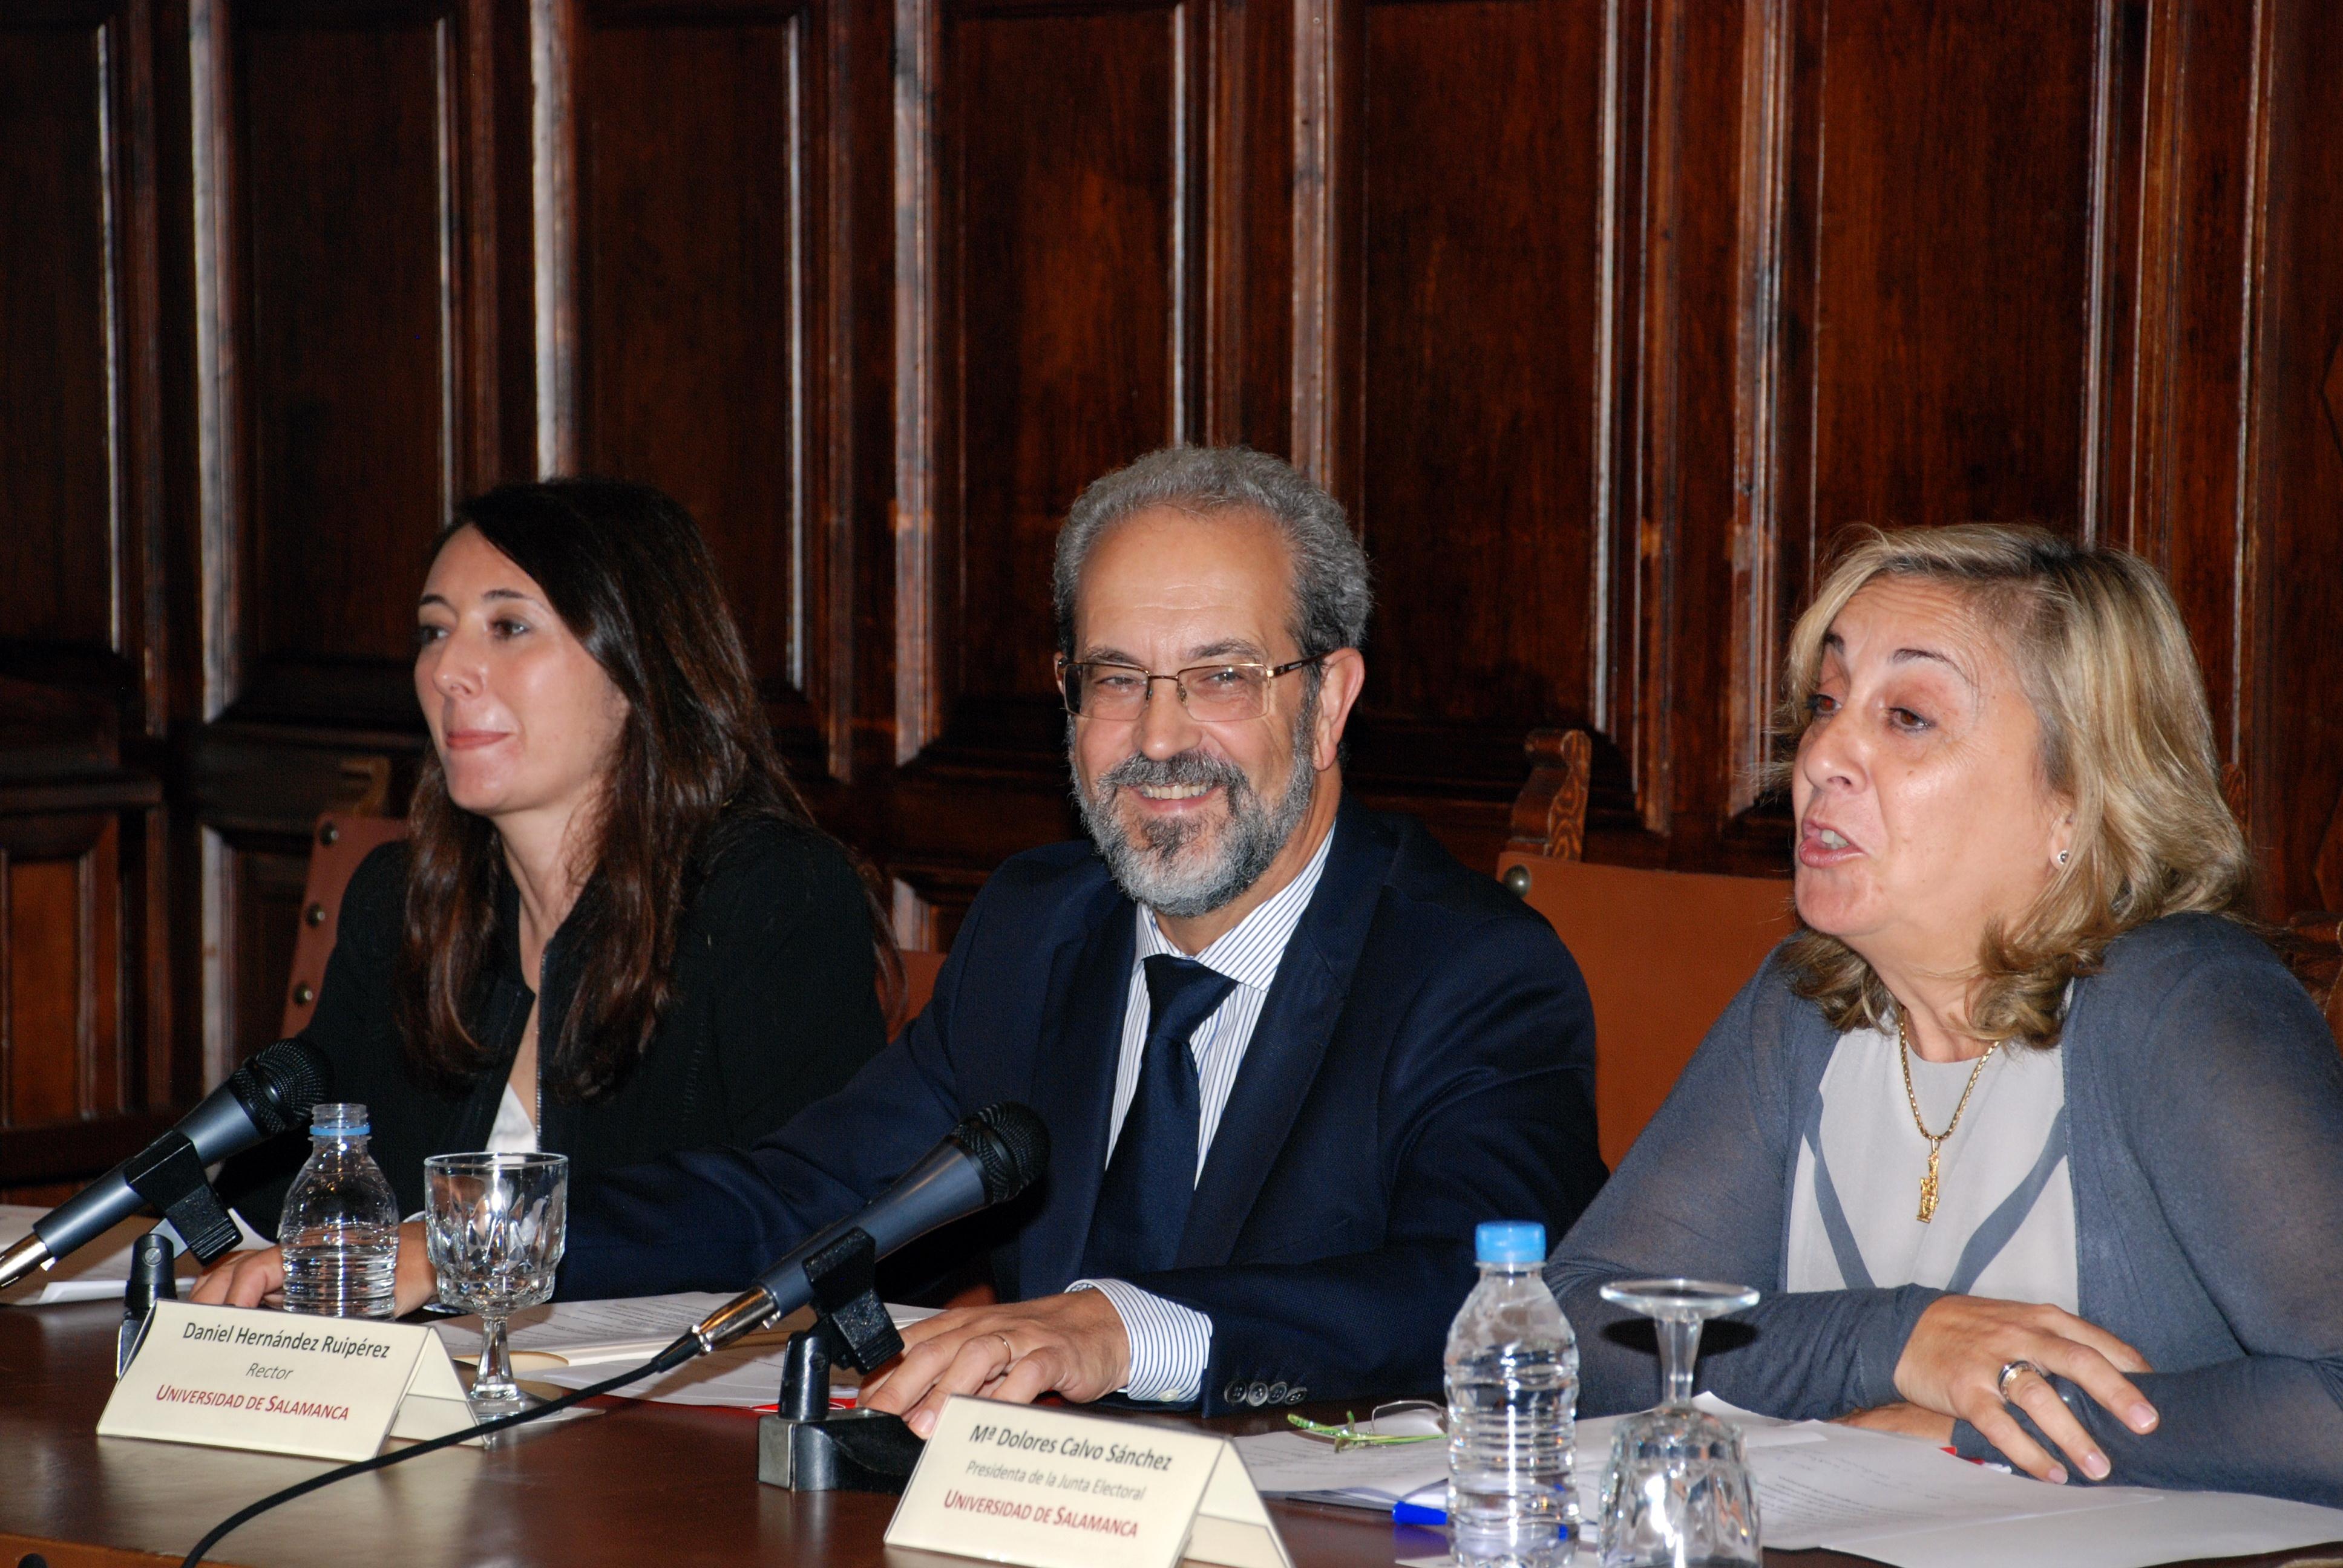 La Universidad de Salamanca organiza un seminario sobre su reglamento electoral